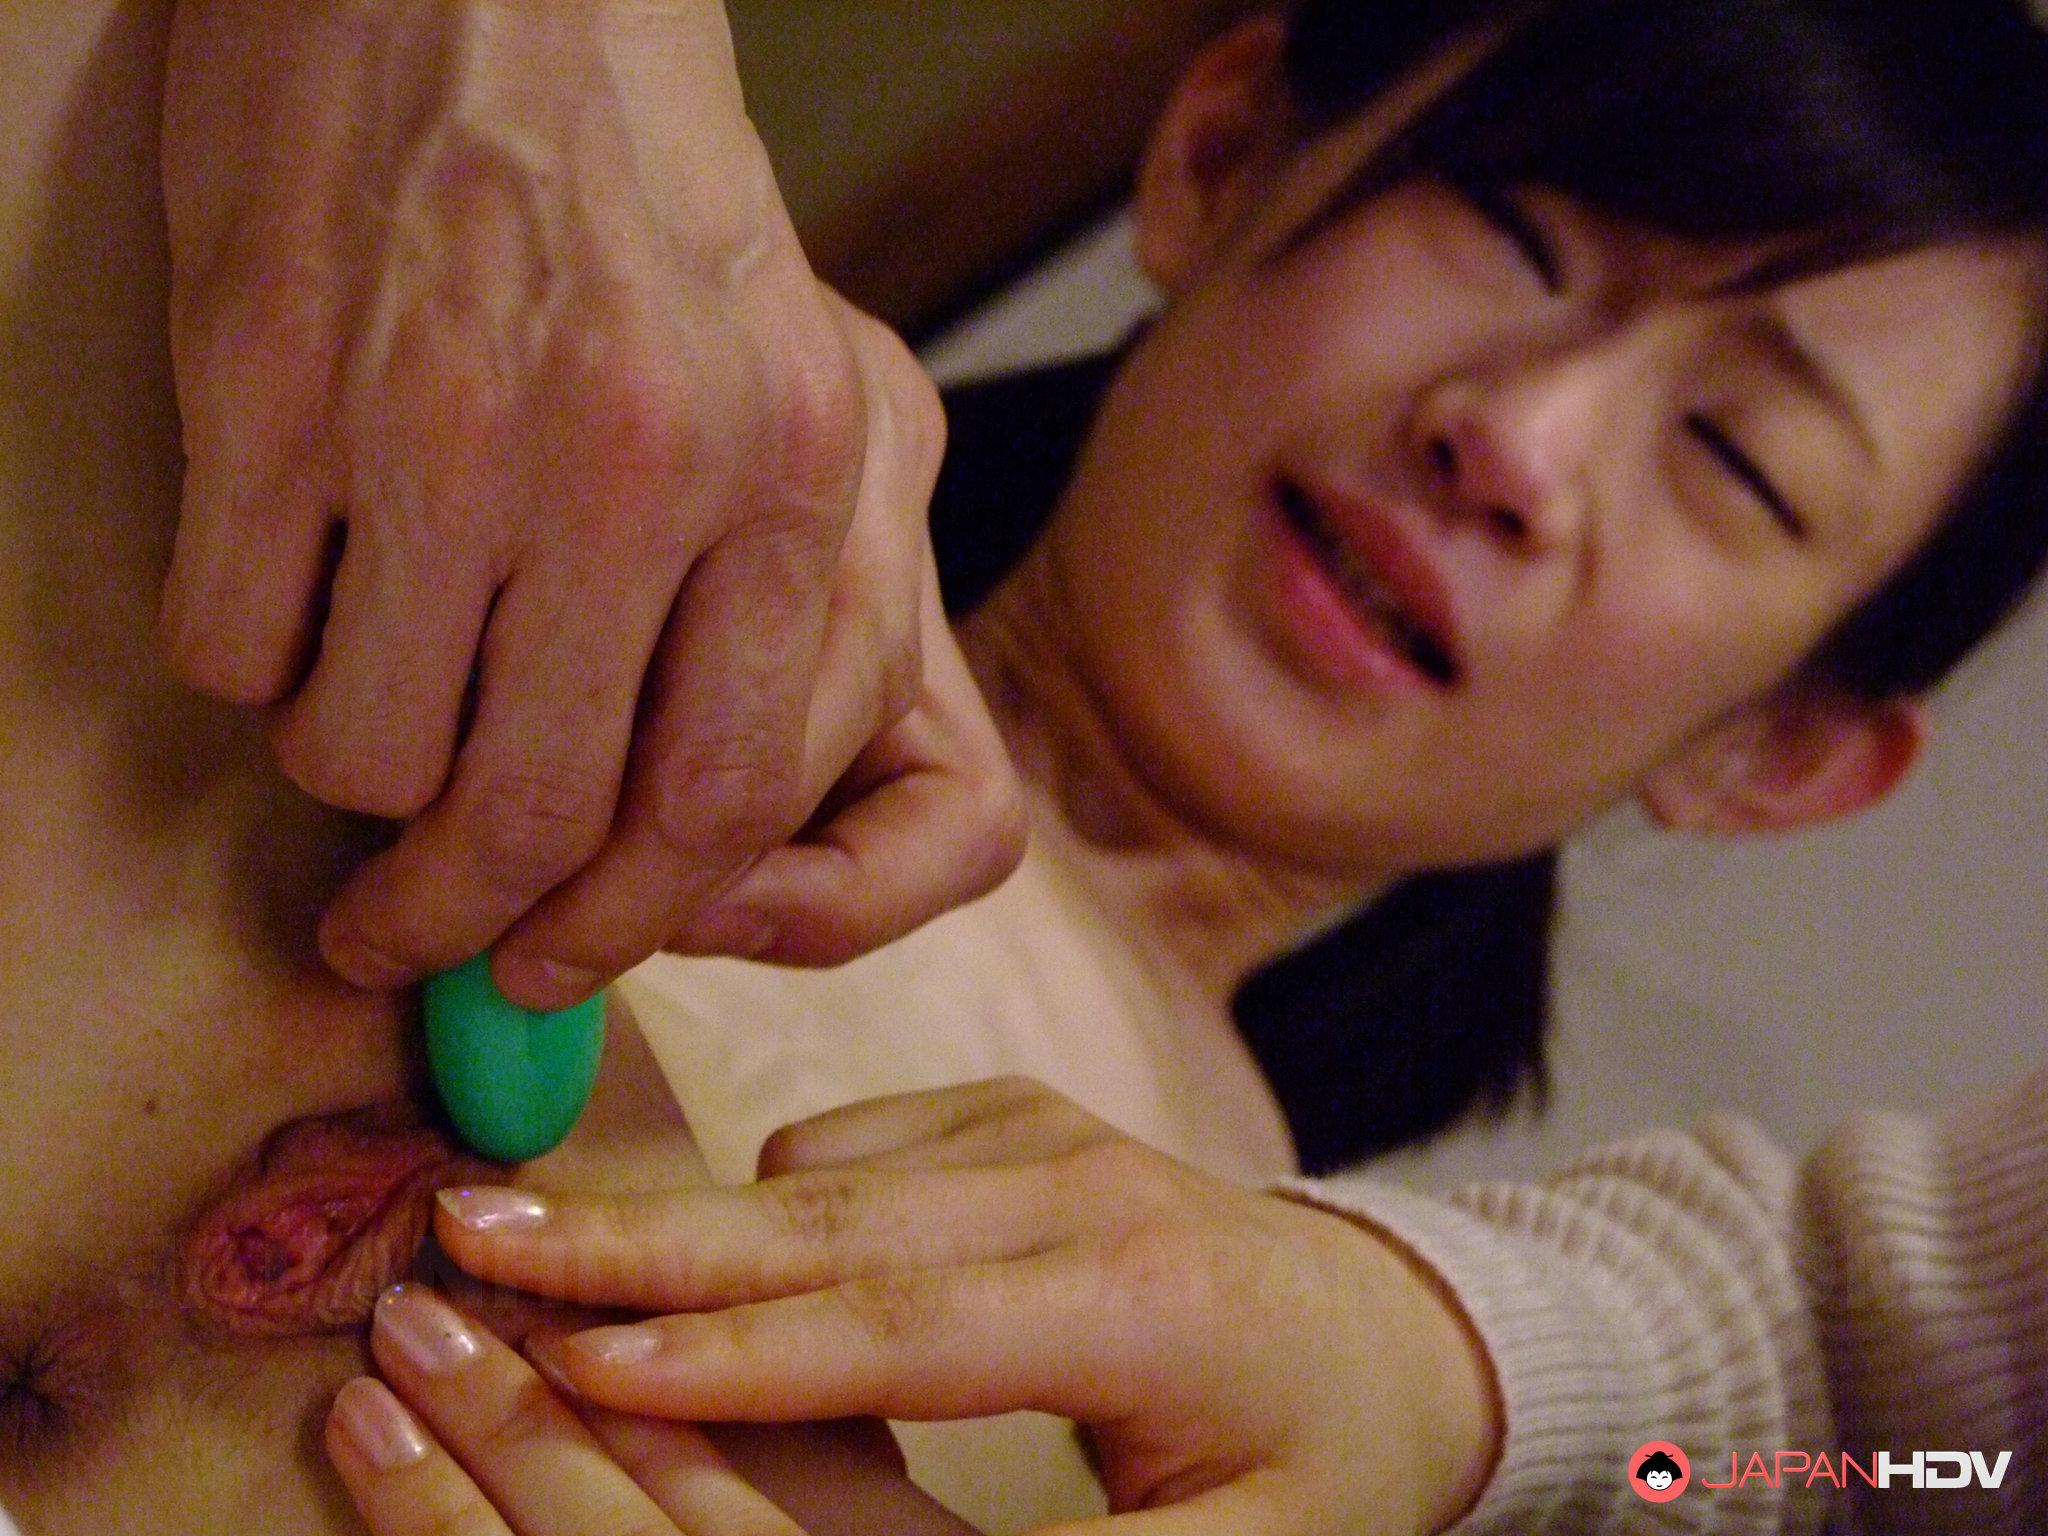 Skinny japanese cute teen porn skinny japanese cute teen porn japanese skinny av porn japanese